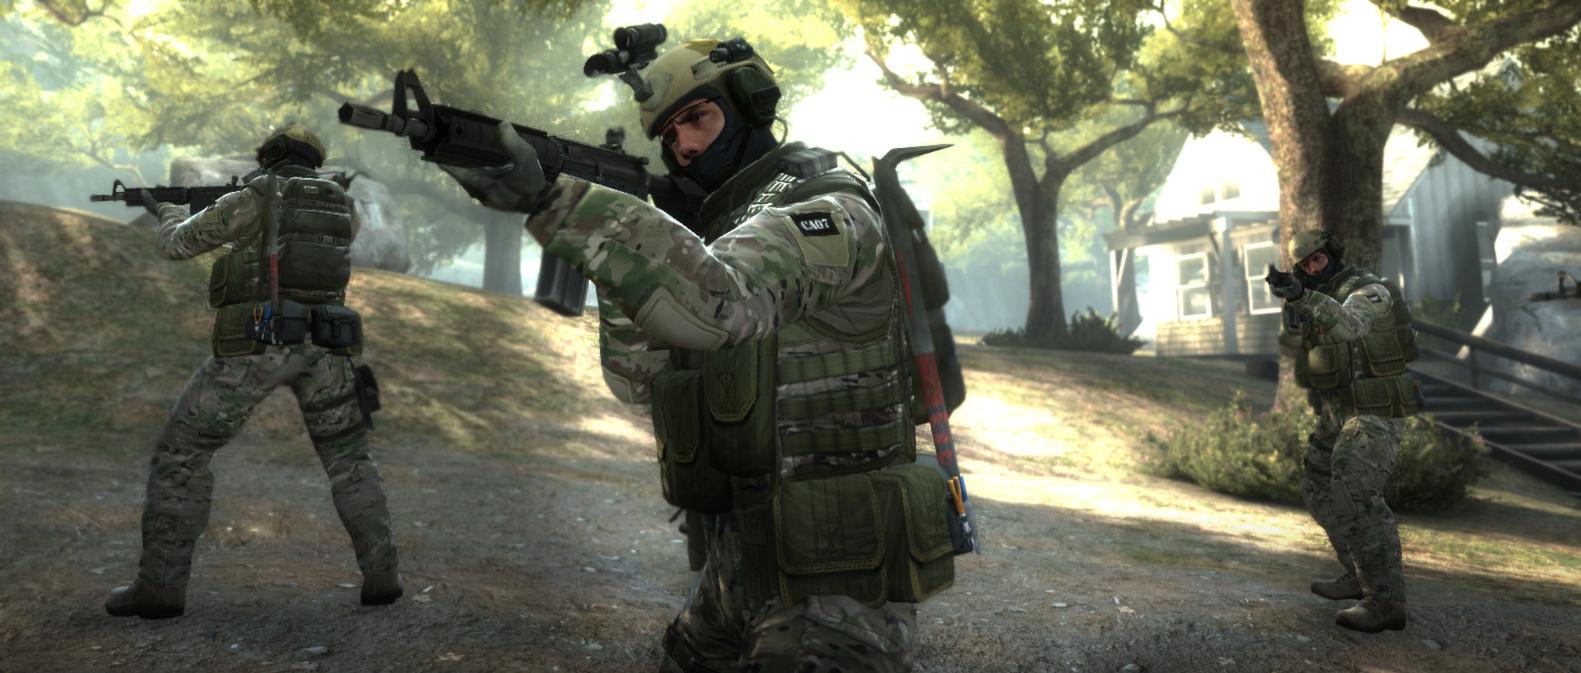 تحميل لعبة كونتر سترايك Counter Strike أحدث إصدار